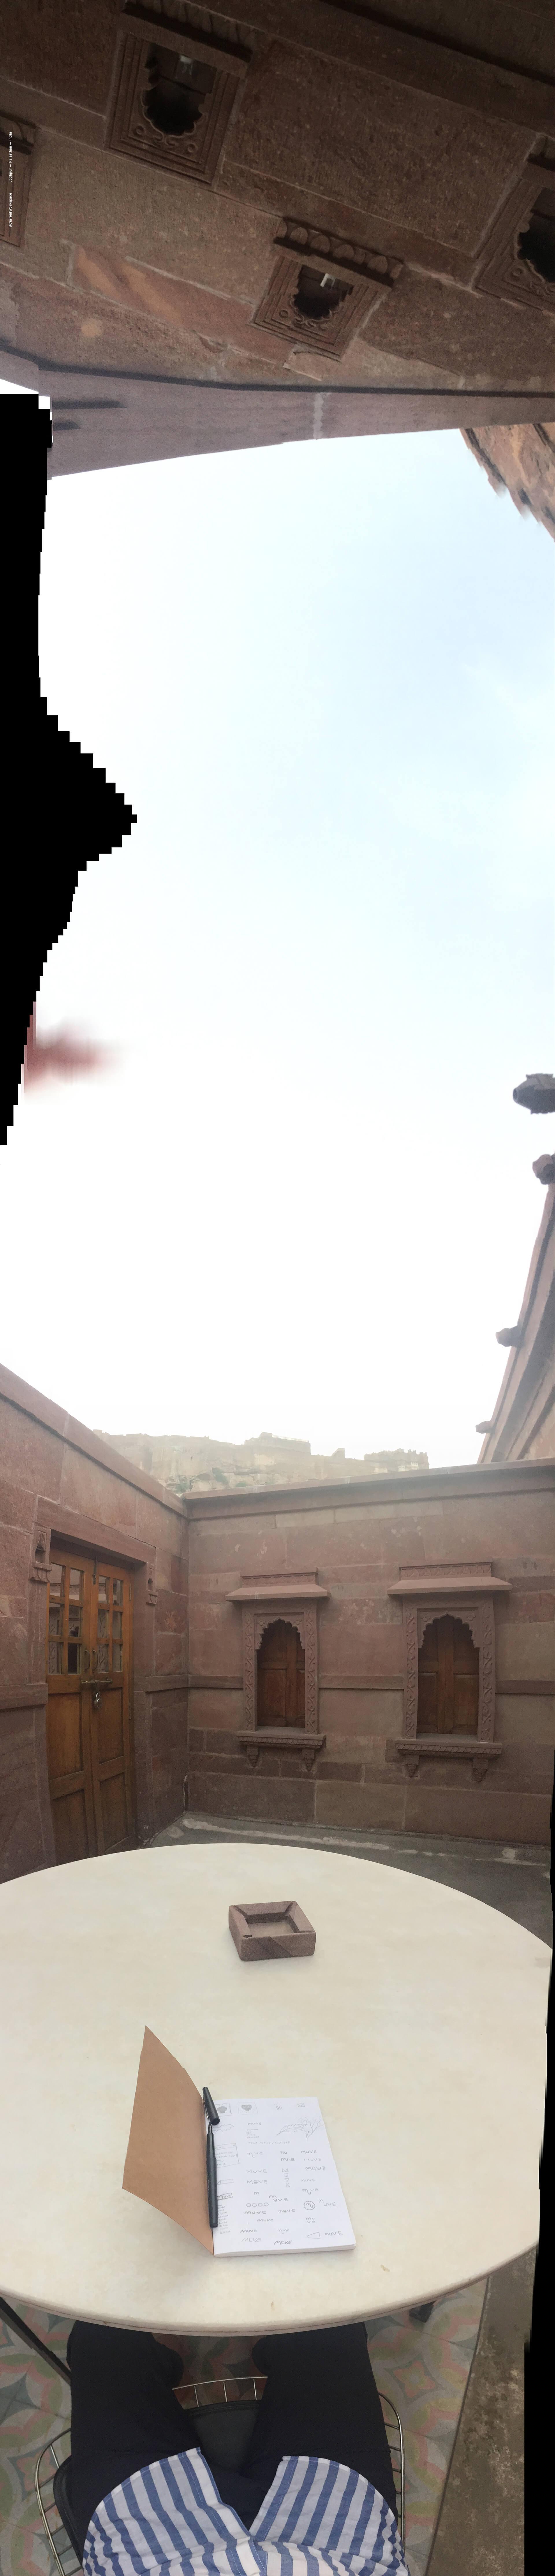 1920_IND_raas jodhpur_MustaaliRaj